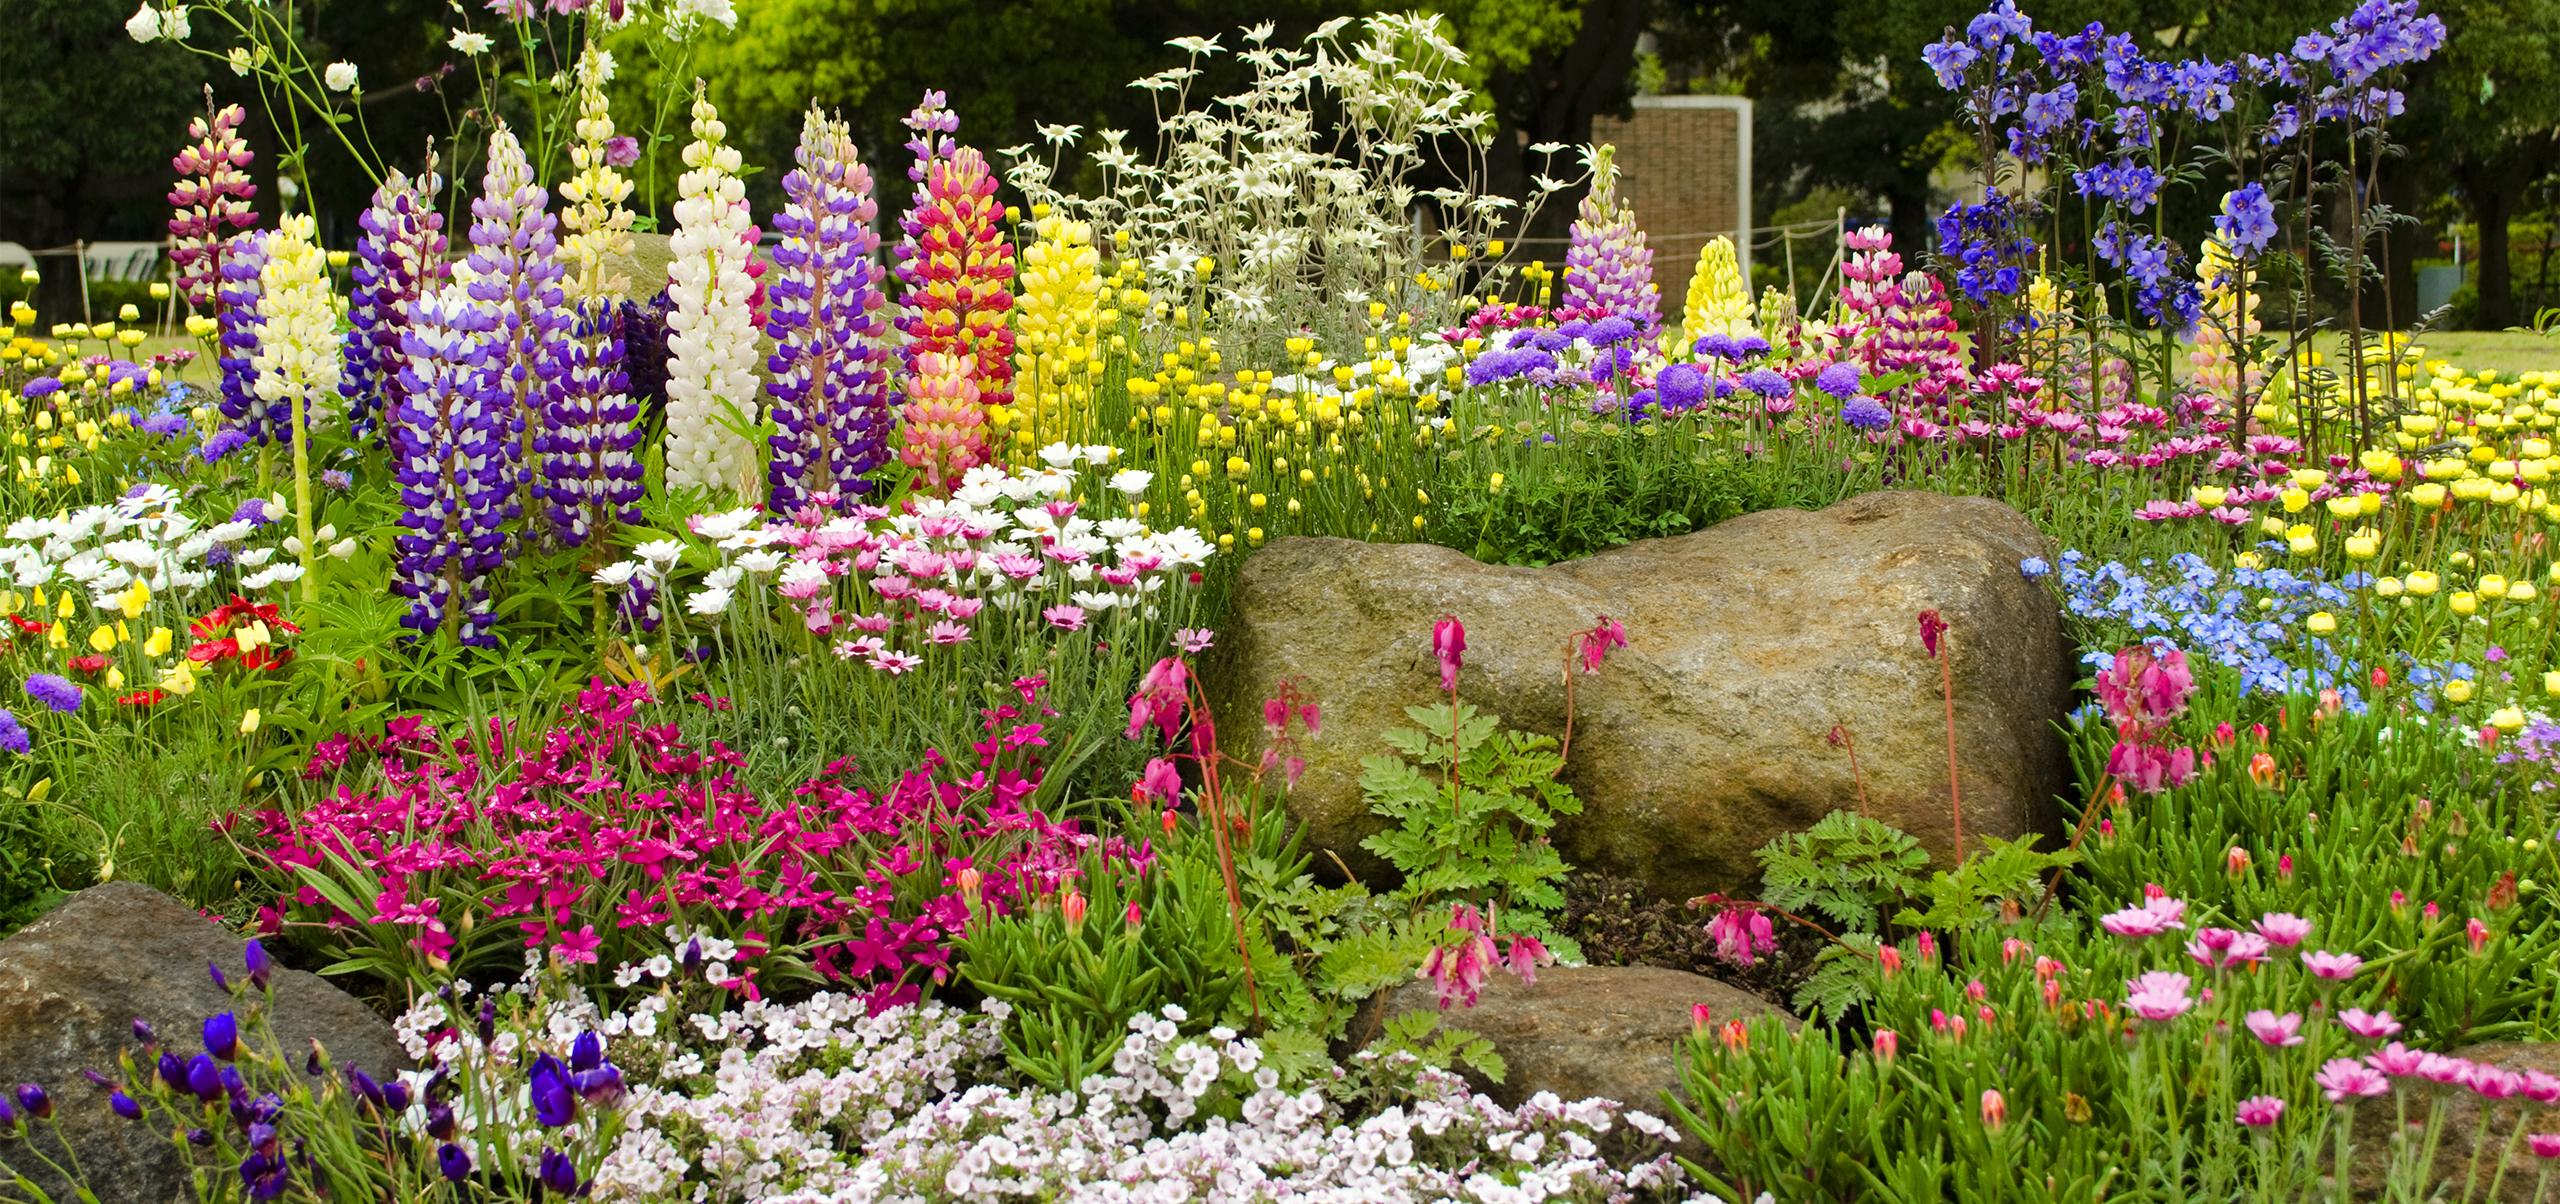 Blumen- und Staudenbeete, die Hingucker in jedem Garten.